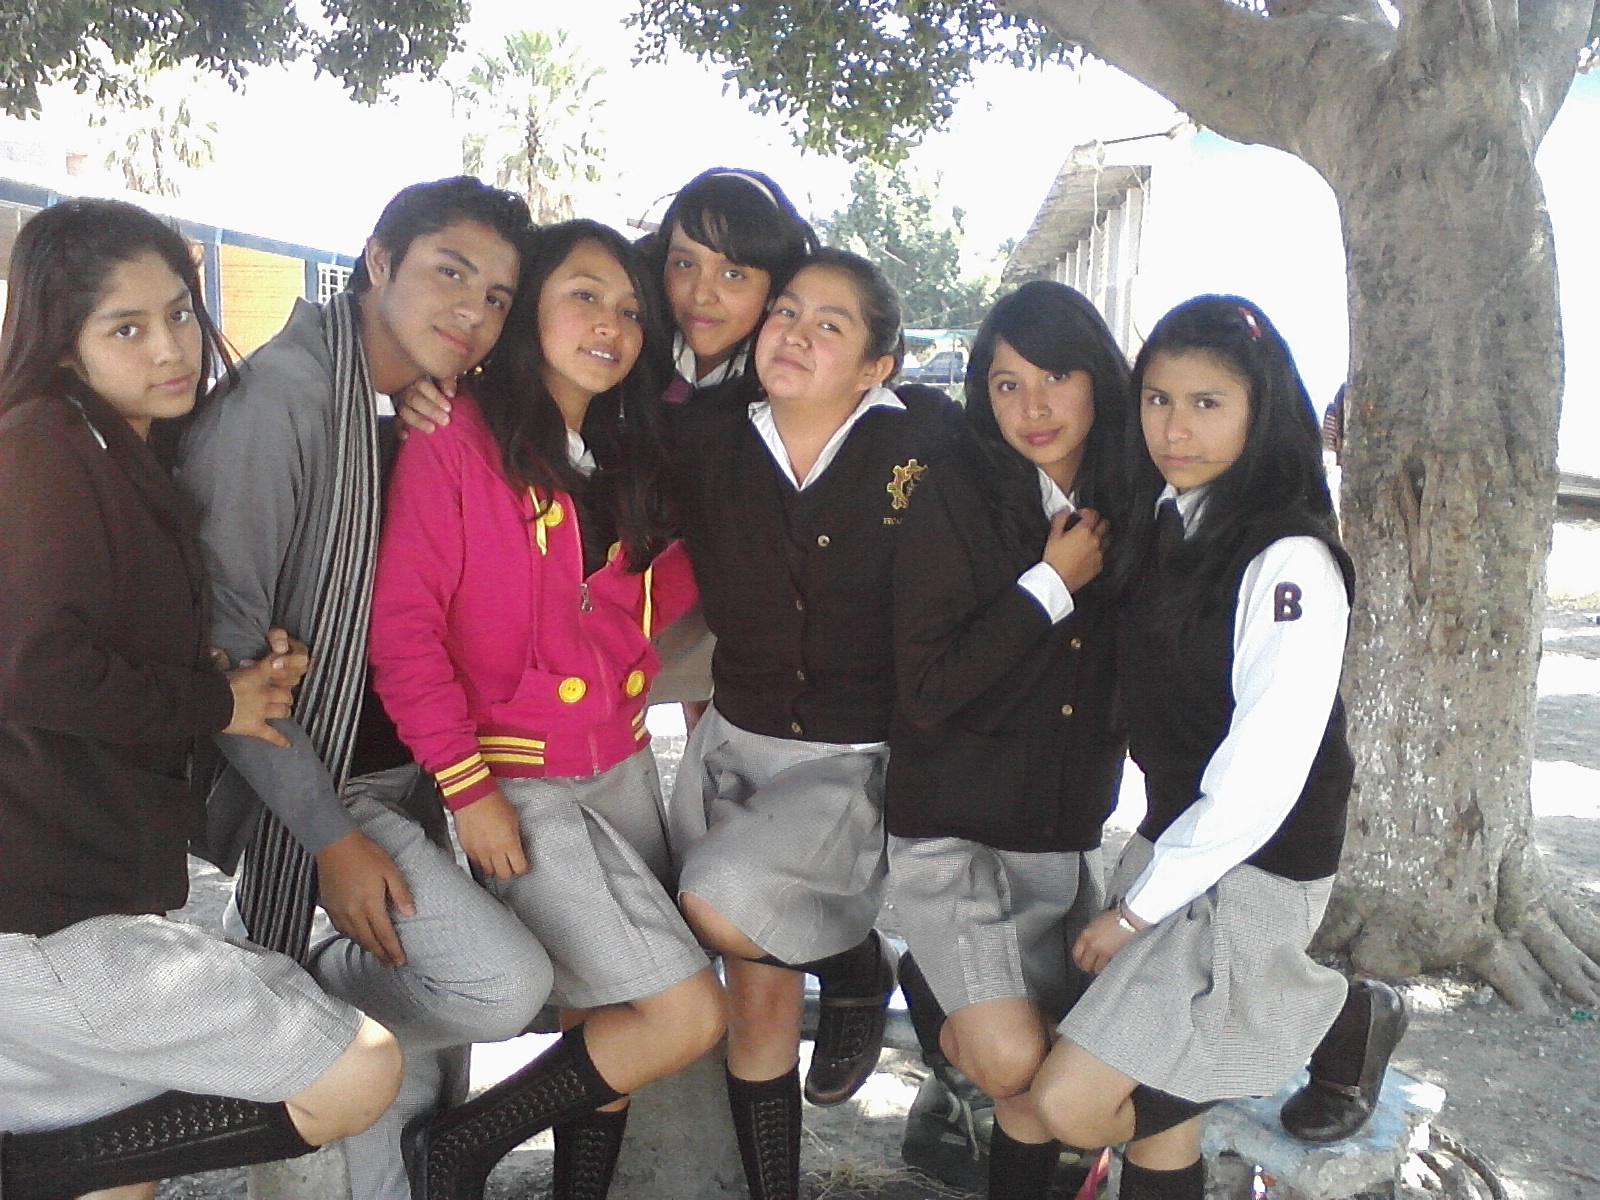 enanas sexis escuela secundaria